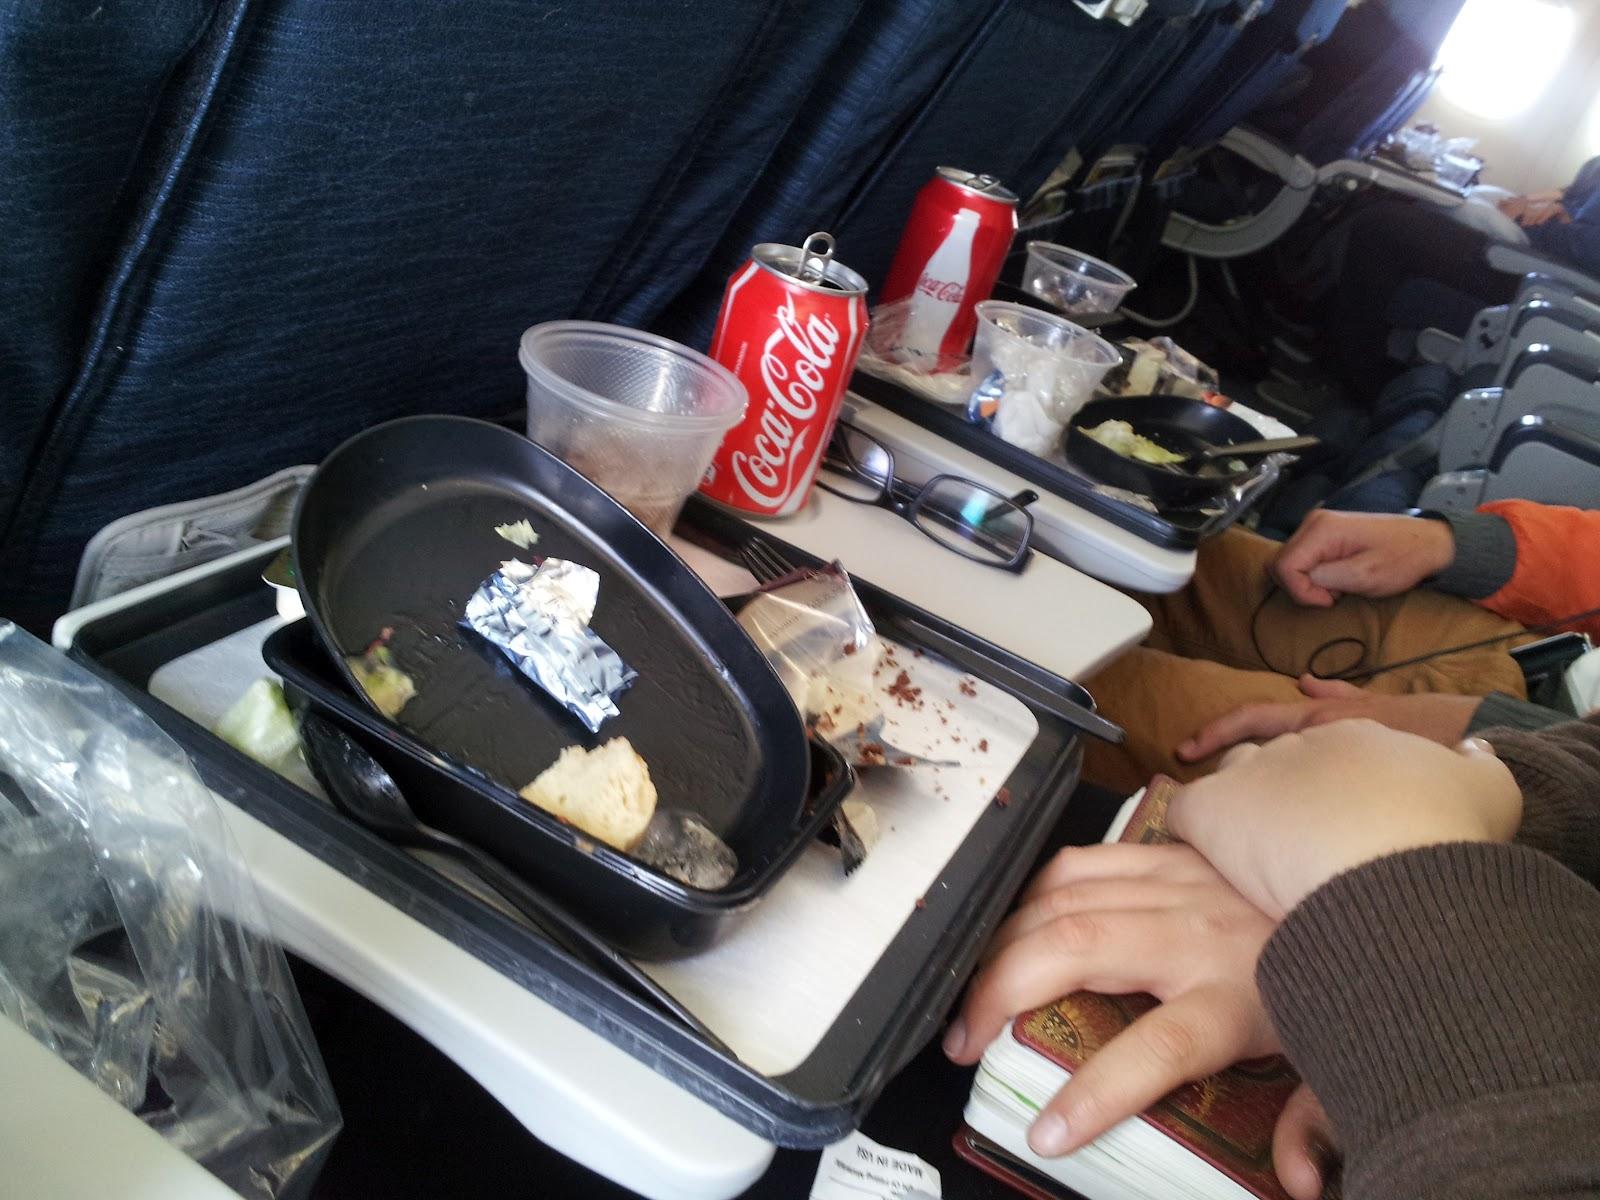 essen ins flugzeug mitnehmen